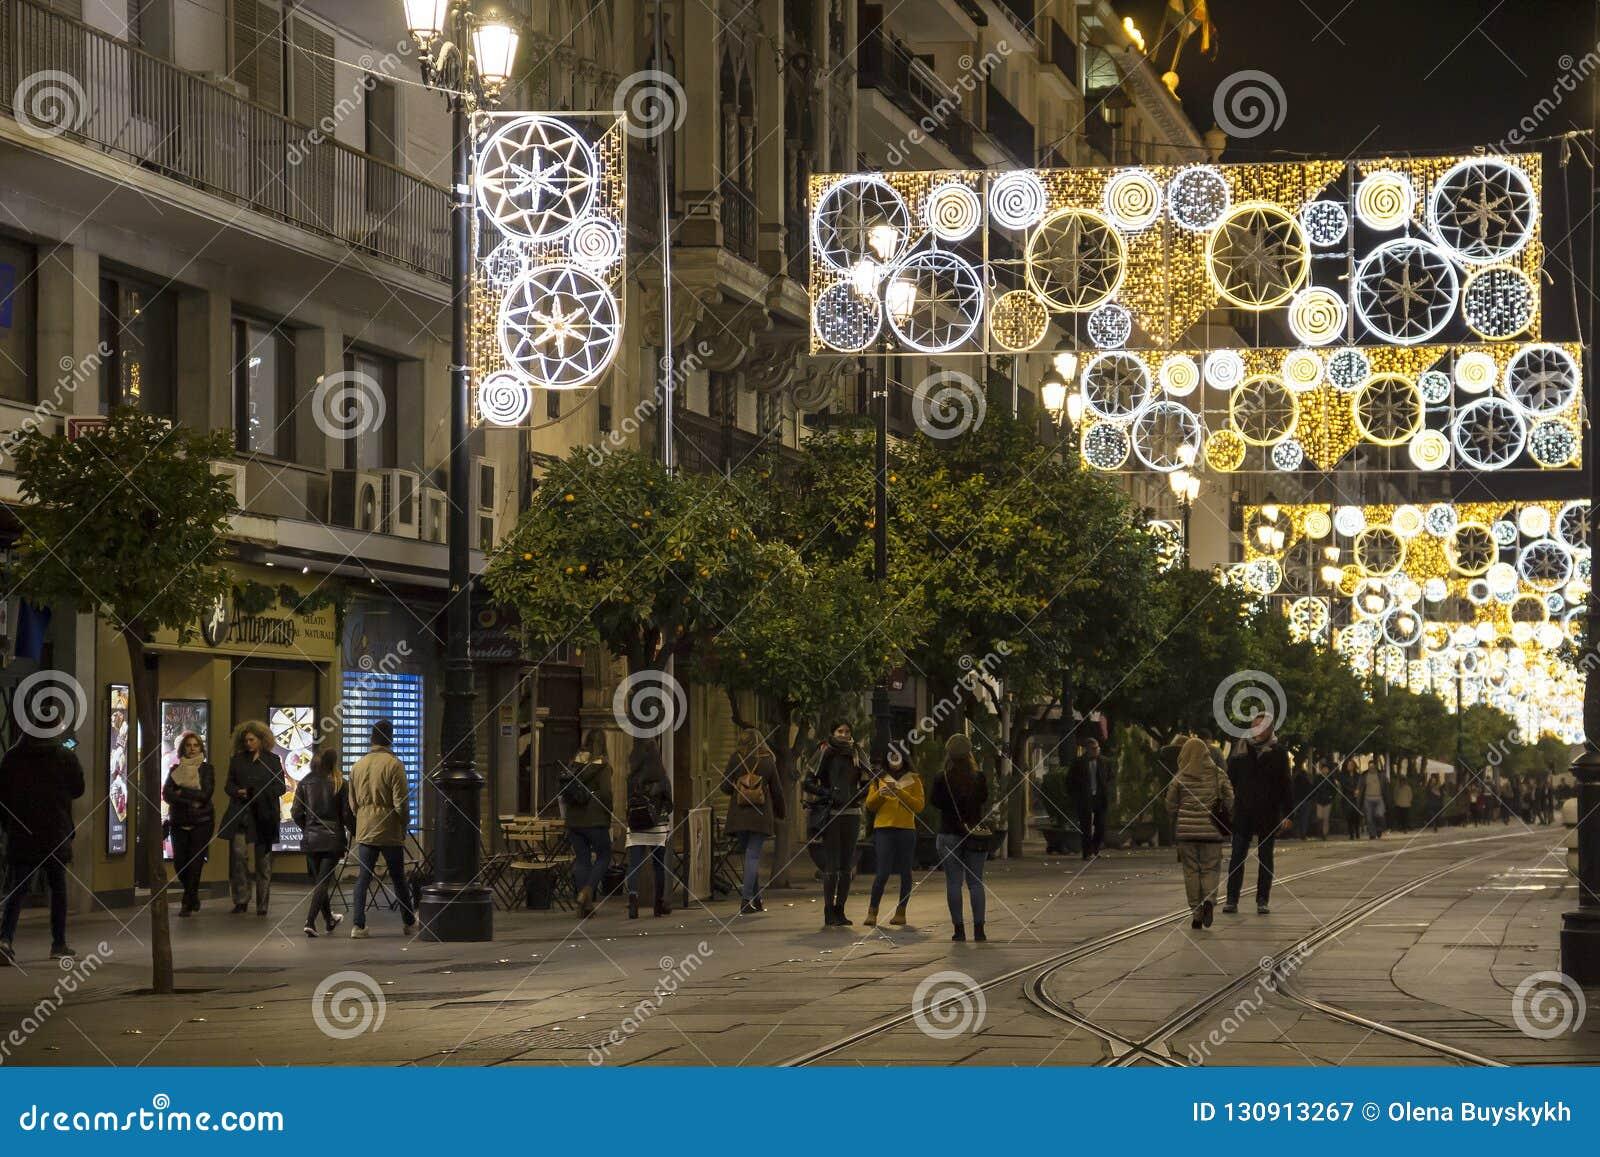 Feriados de inverno em Sevilha, Espanha